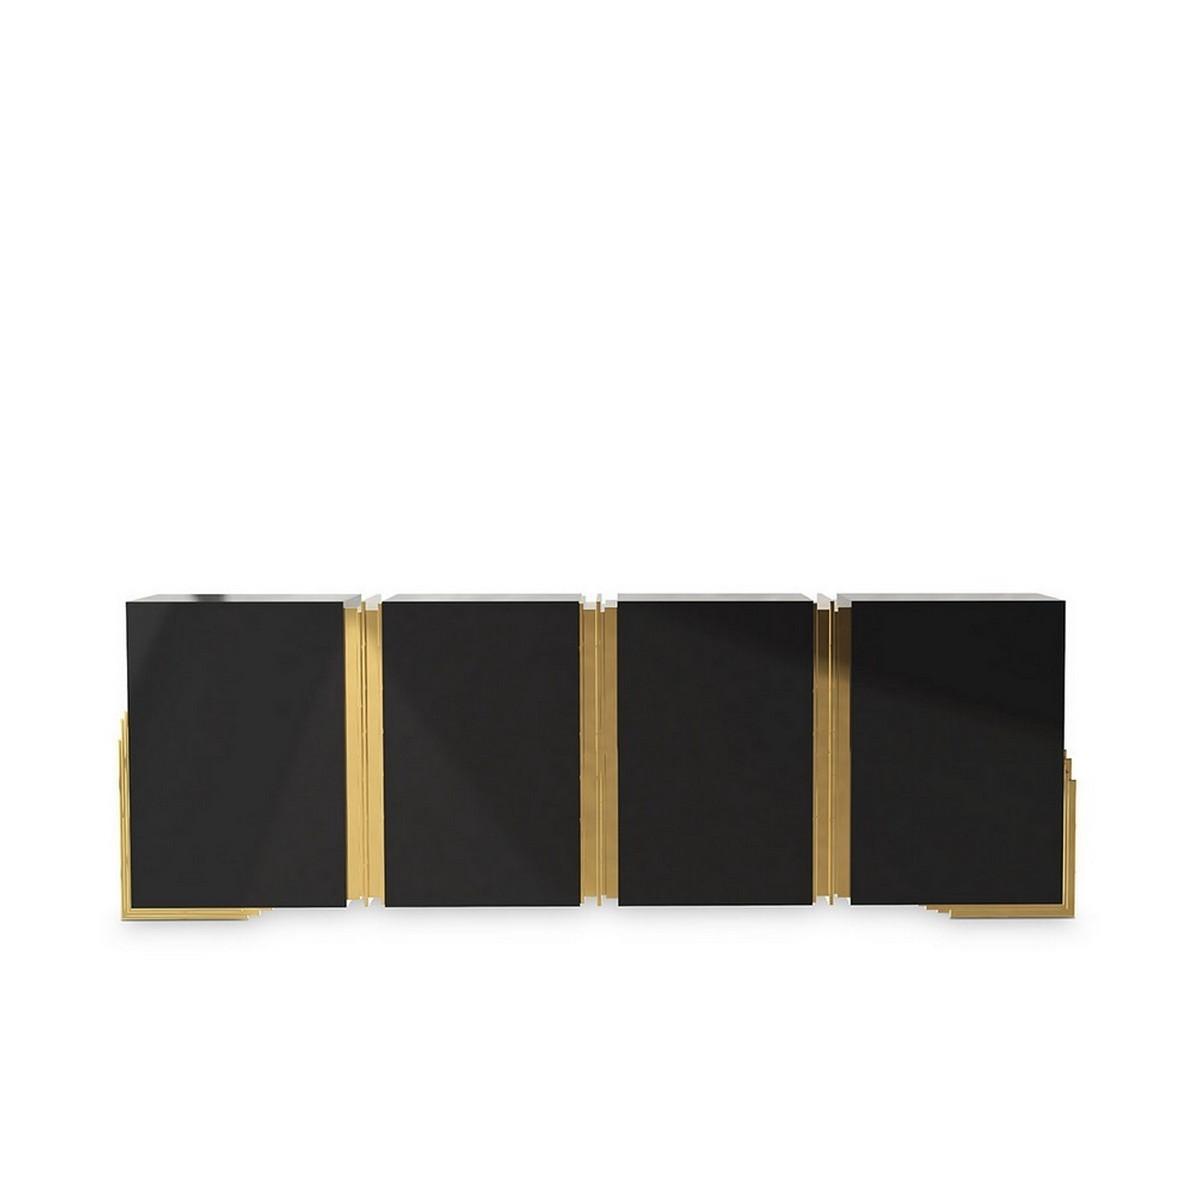 Aparadores lujuosos: Piezas elegantes para un proyecto exclusivo aparadores lujuosos Aparadores lujuosos: Piezas elegantes para un proyecto exclusivo lx tenor sideboard general img 1200x1200